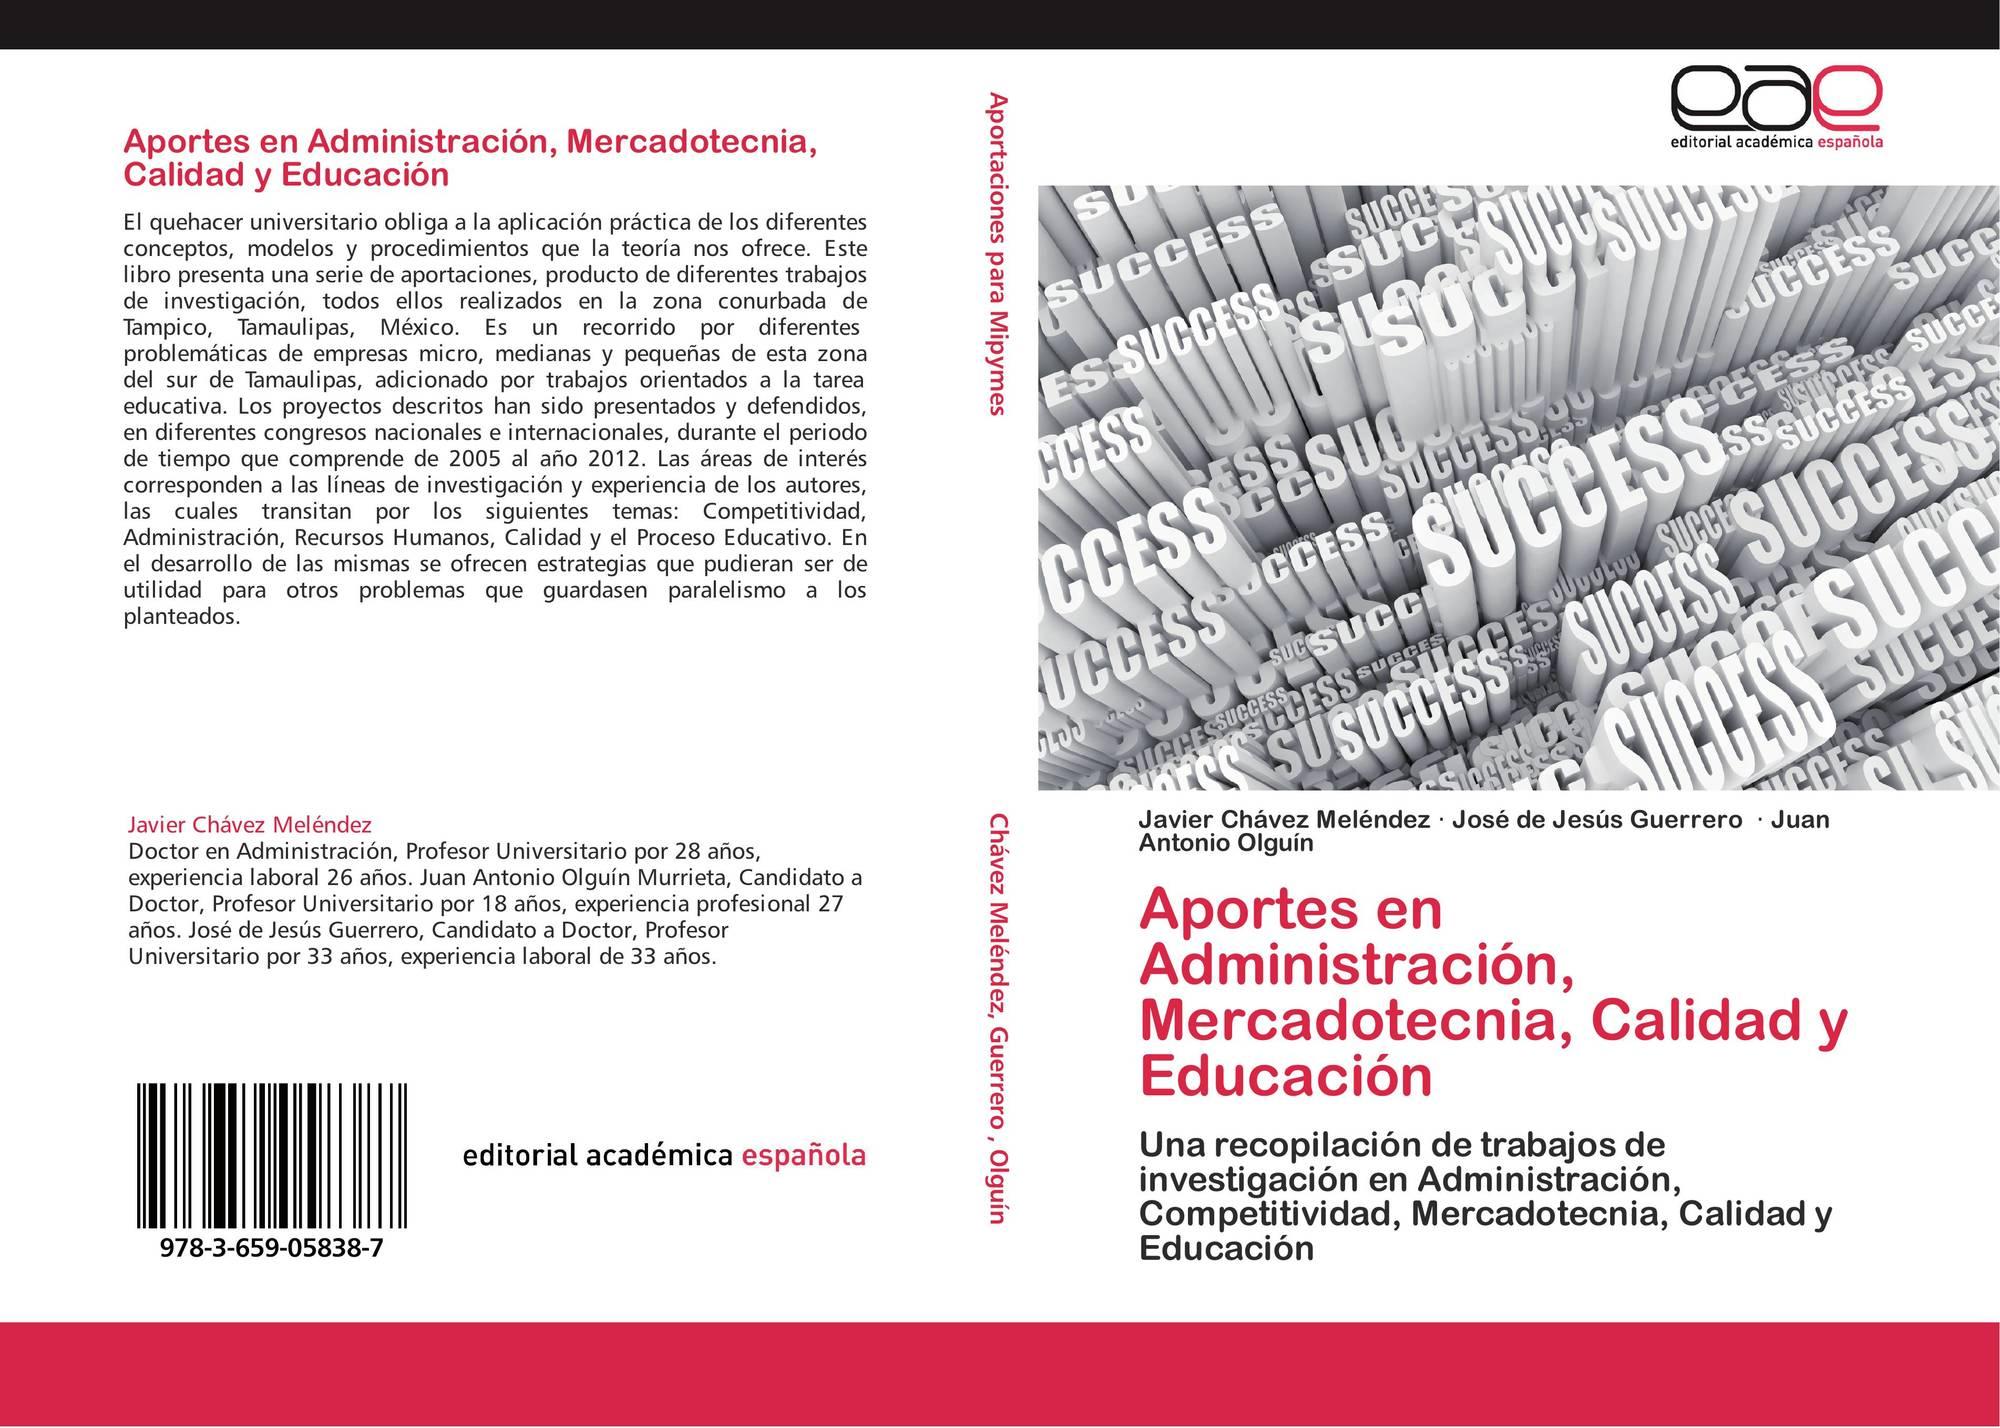 Aportes en Administración, Mercadotecnia, Calidad y Educación, 978-3 ...